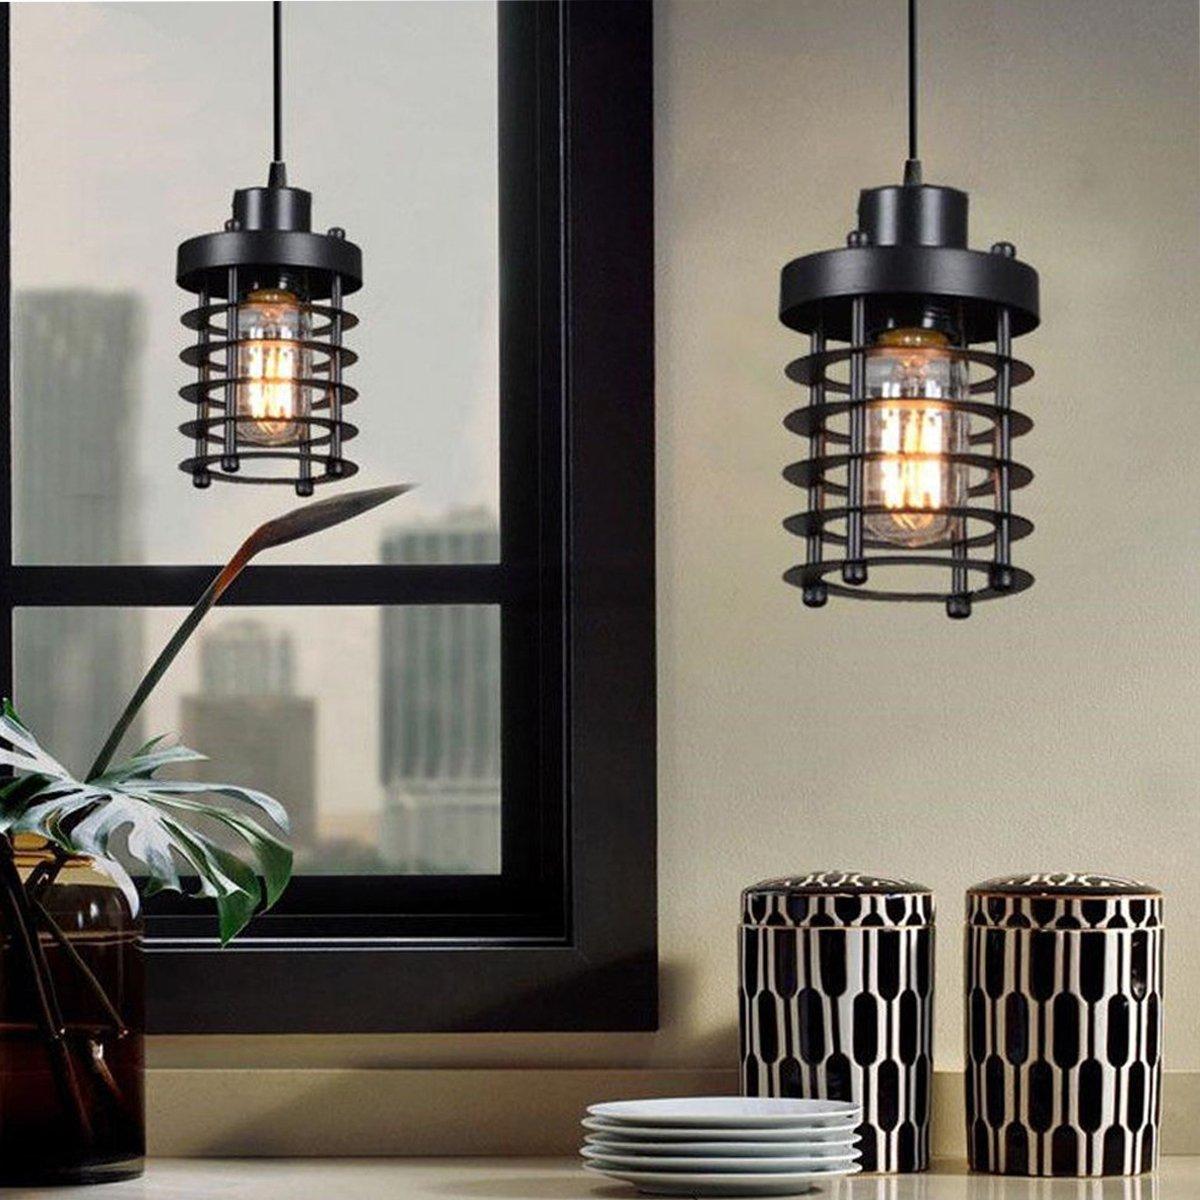 H&A産業用照明装飾用シャンデリアEdison LED電球シリンダー付きランプレトロシーリングライト